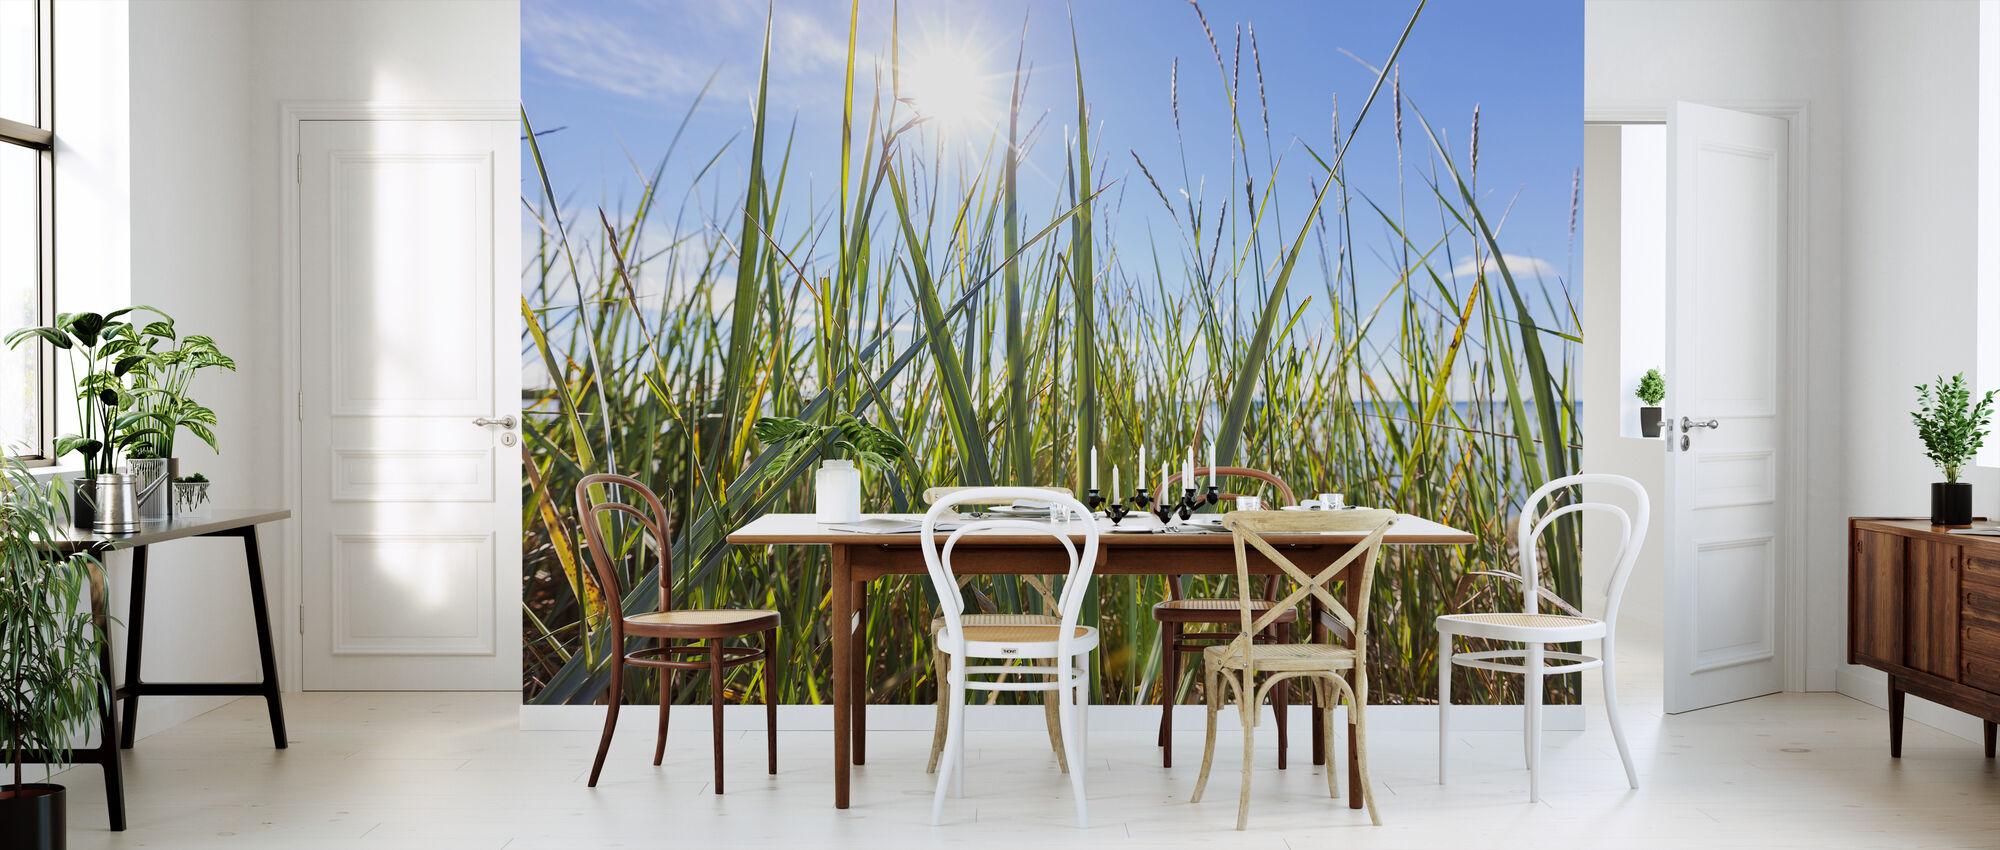 Sonnenschein und Gras - Tapete - Küchen